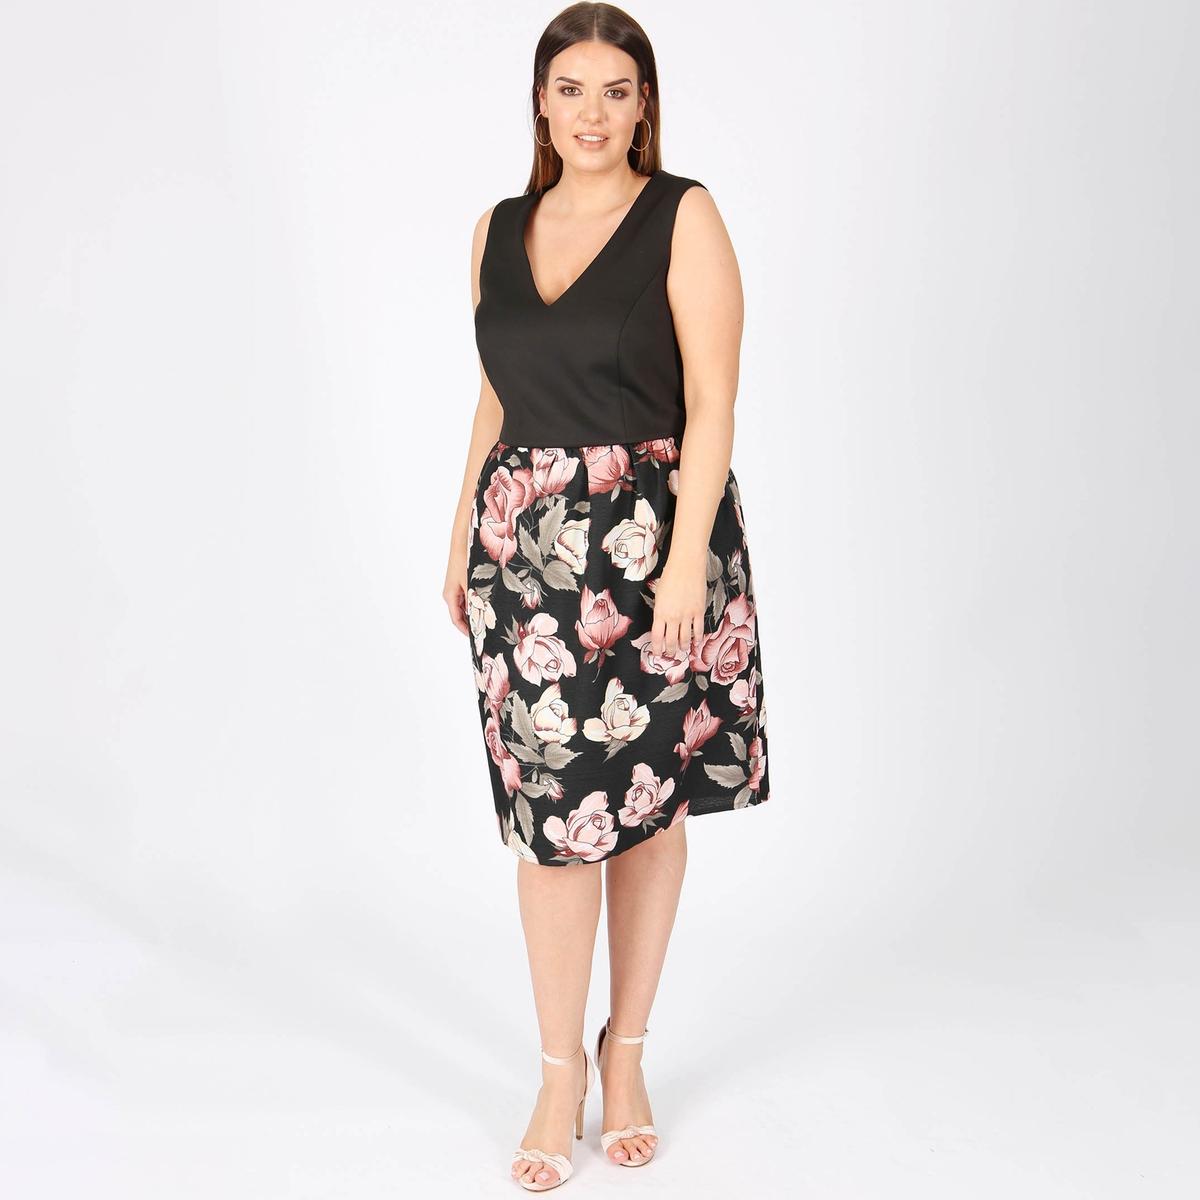 Платье без рукавов с цветочным принтом из двух материалов trendy adiors side bang medium heat resistant synthetic wig for women